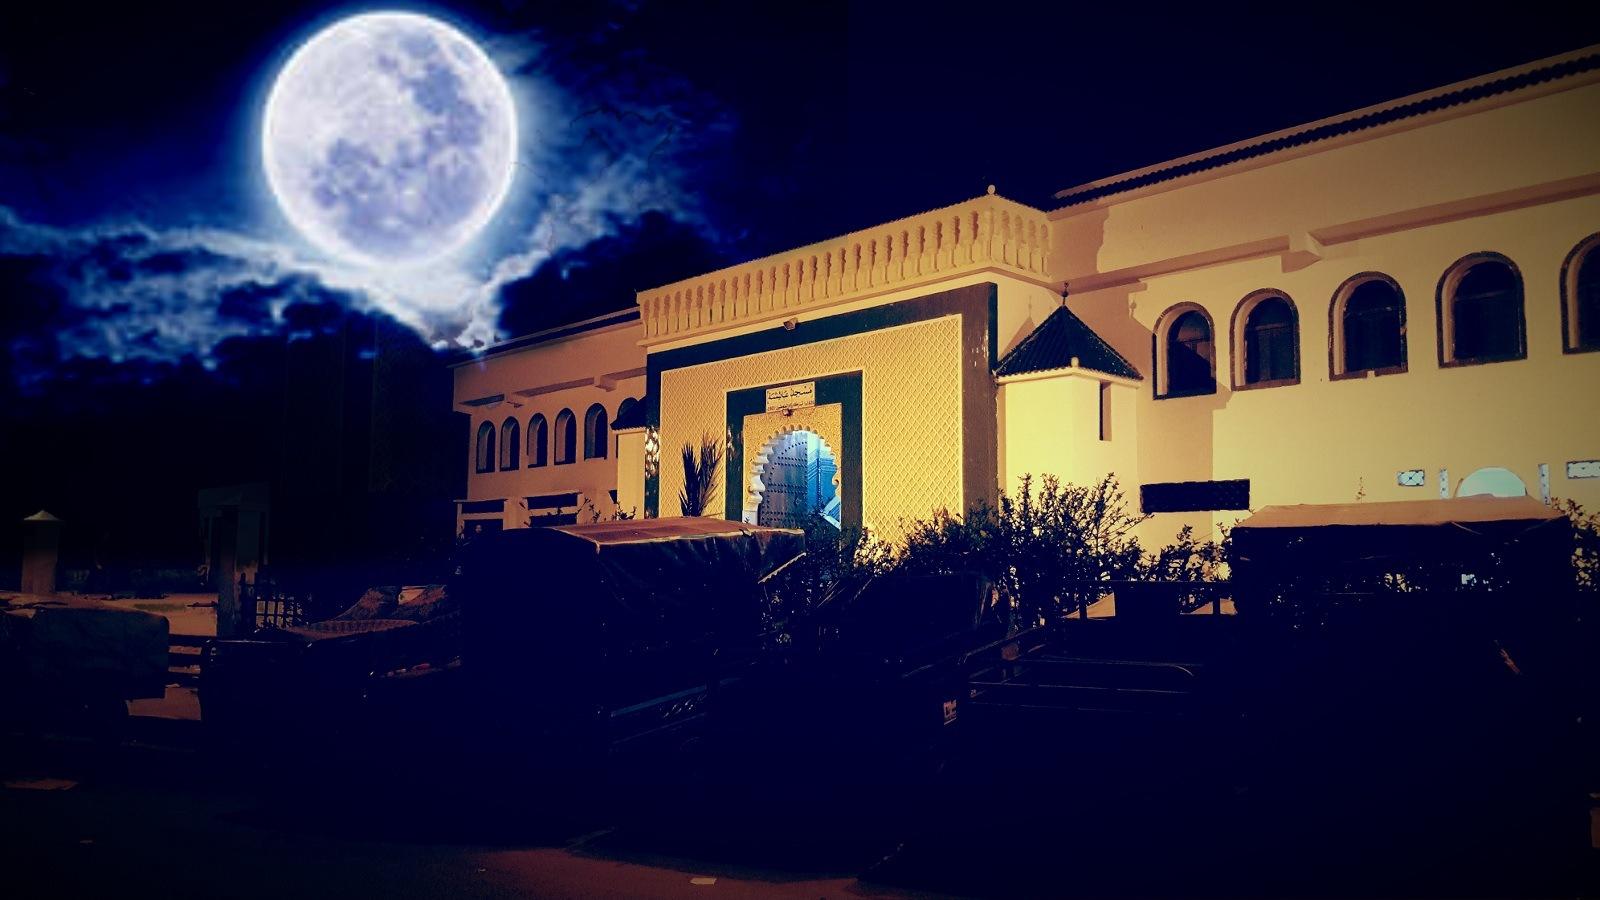 Moschee in fes  by monire habibi